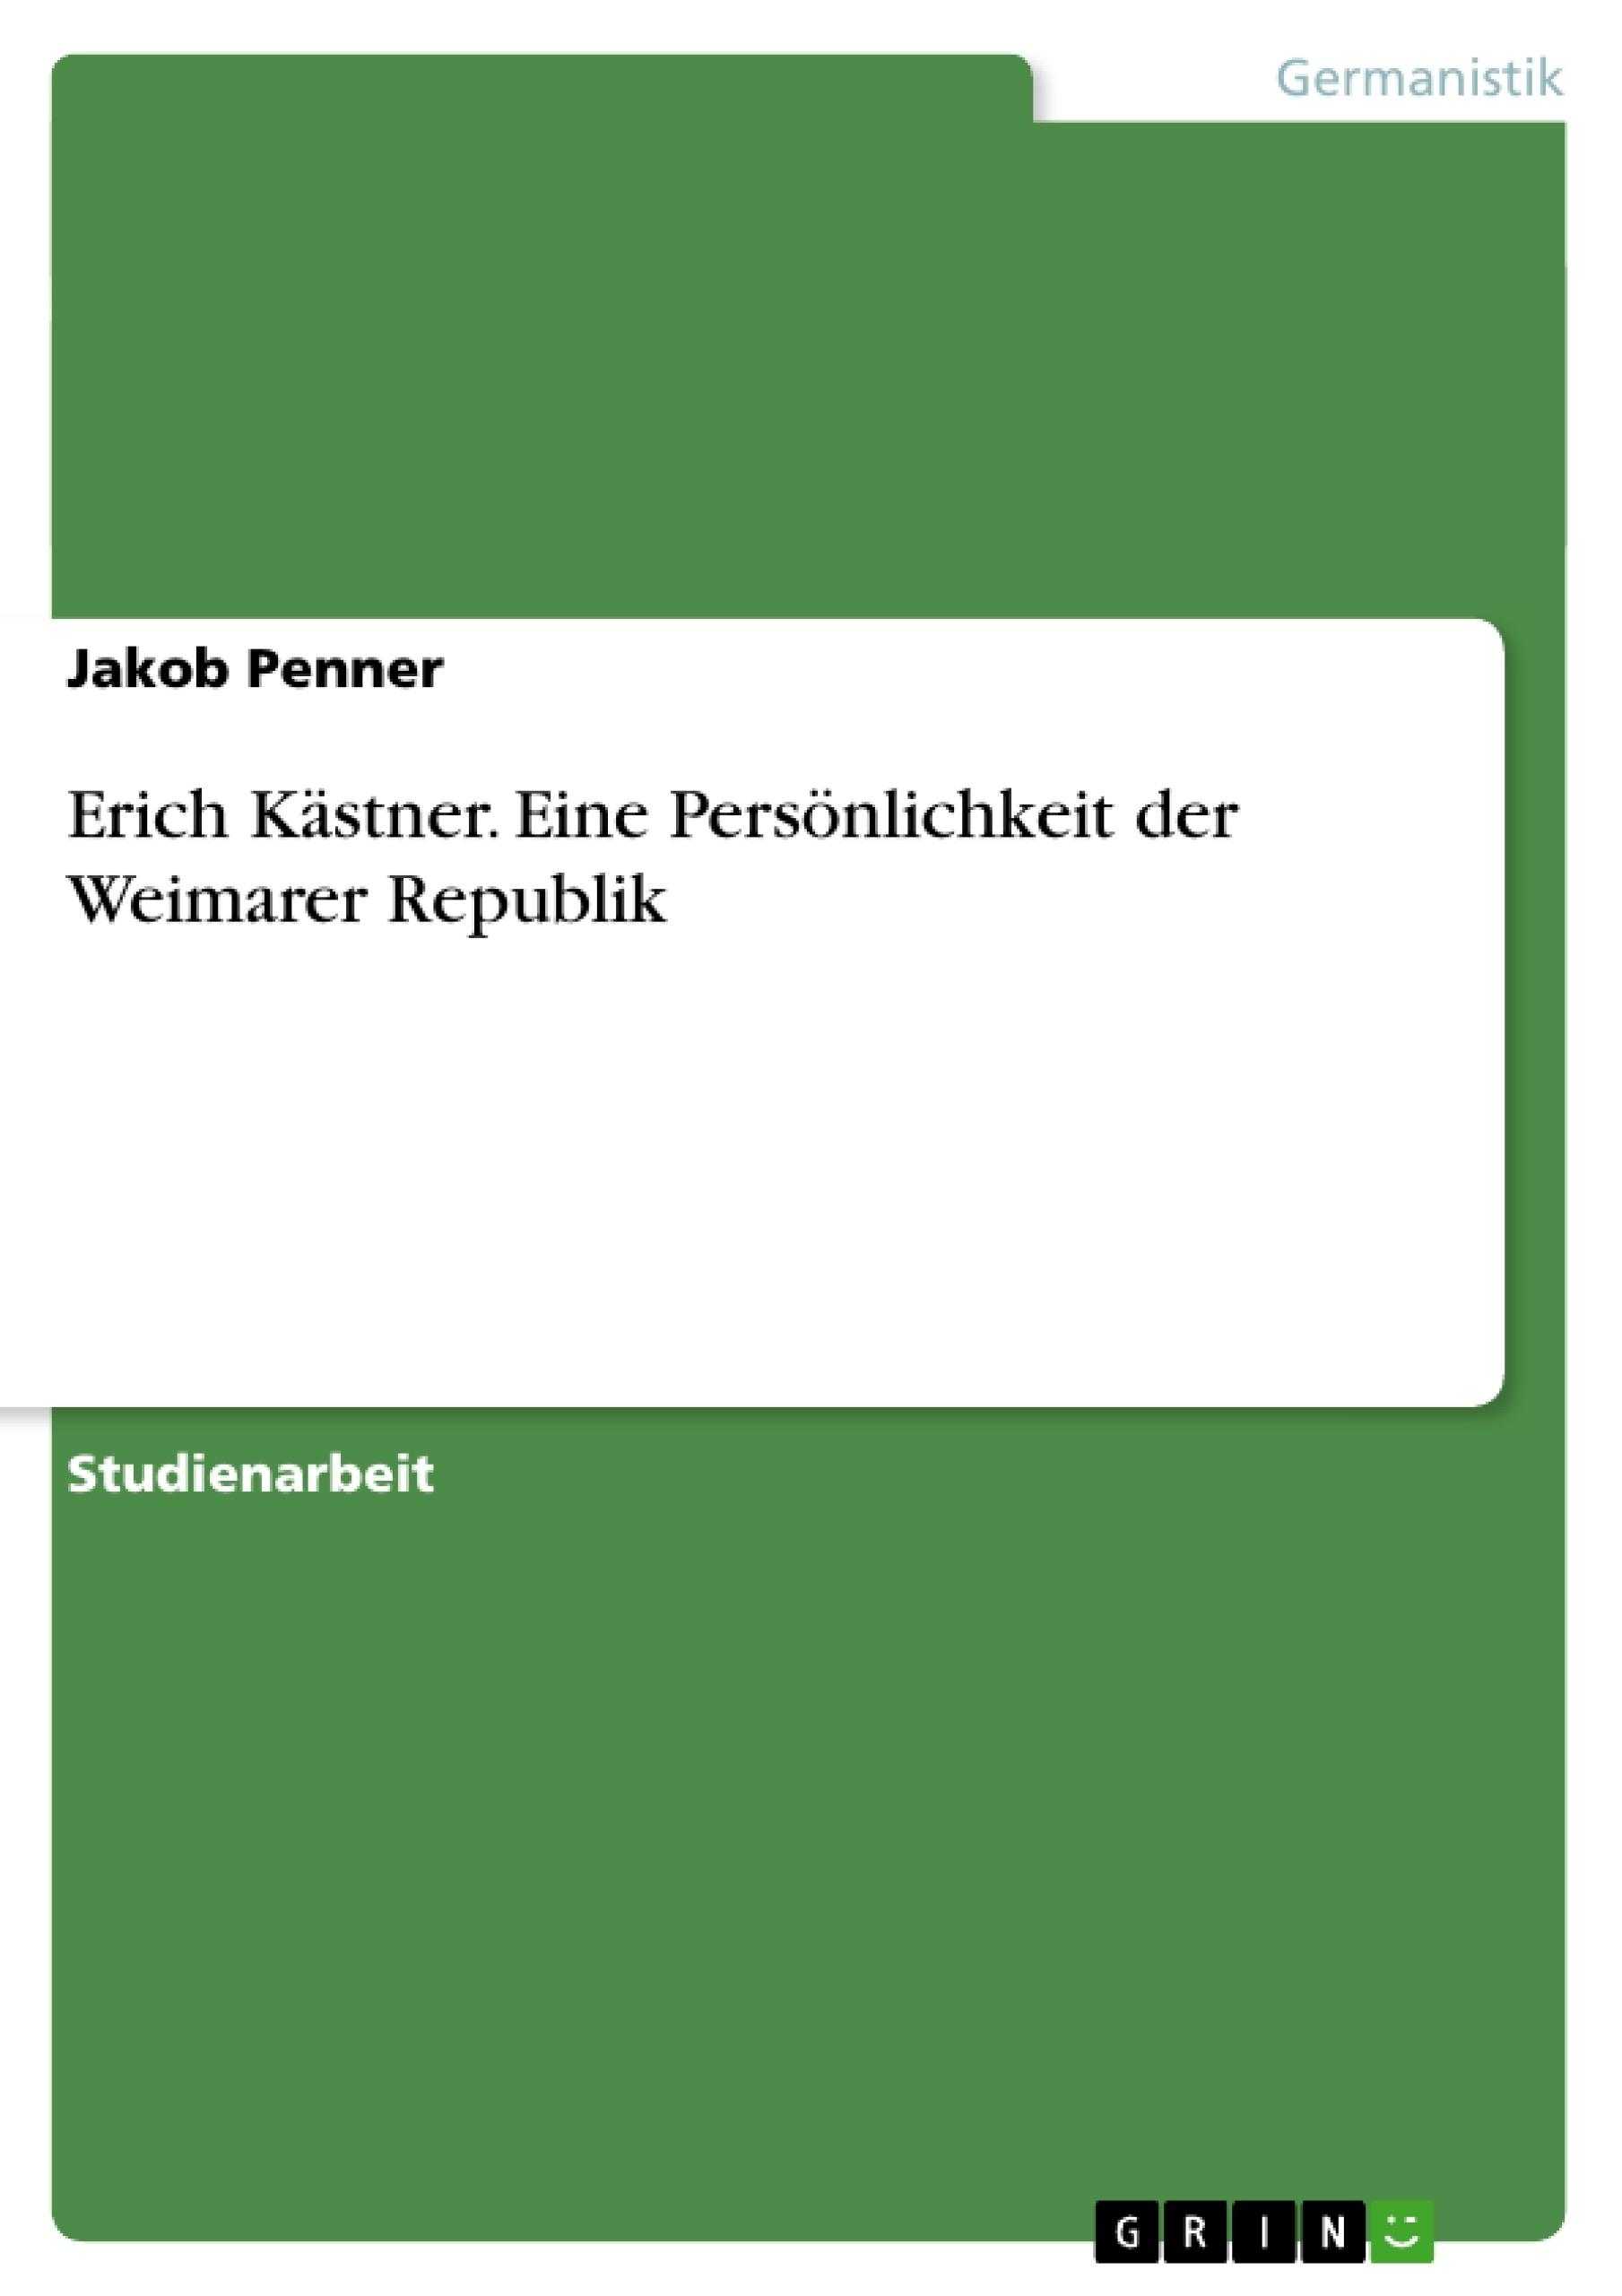 Titel: Erich Kästner. Eine Persönlichkeit der Weimarer Republik